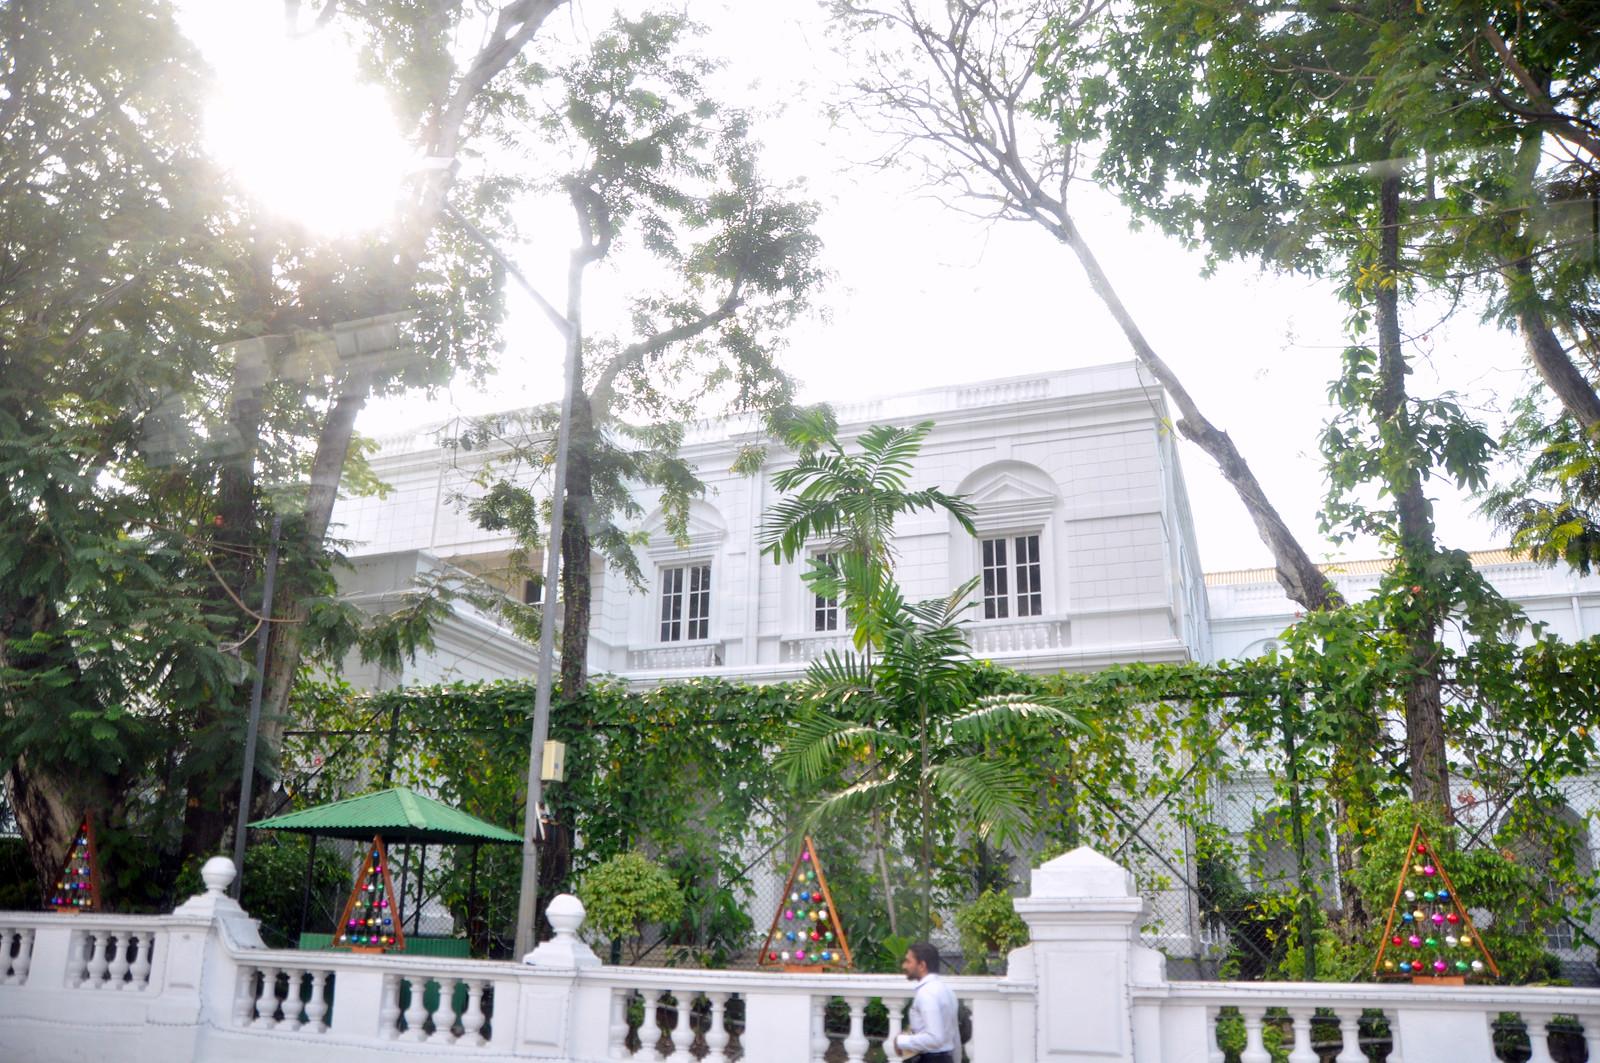 Qué ver en Colombo en un día, Sri Lanka qué ver en colombo en un día - 33165838328 edf0cd04de h - Qué ver en Colombo en un día